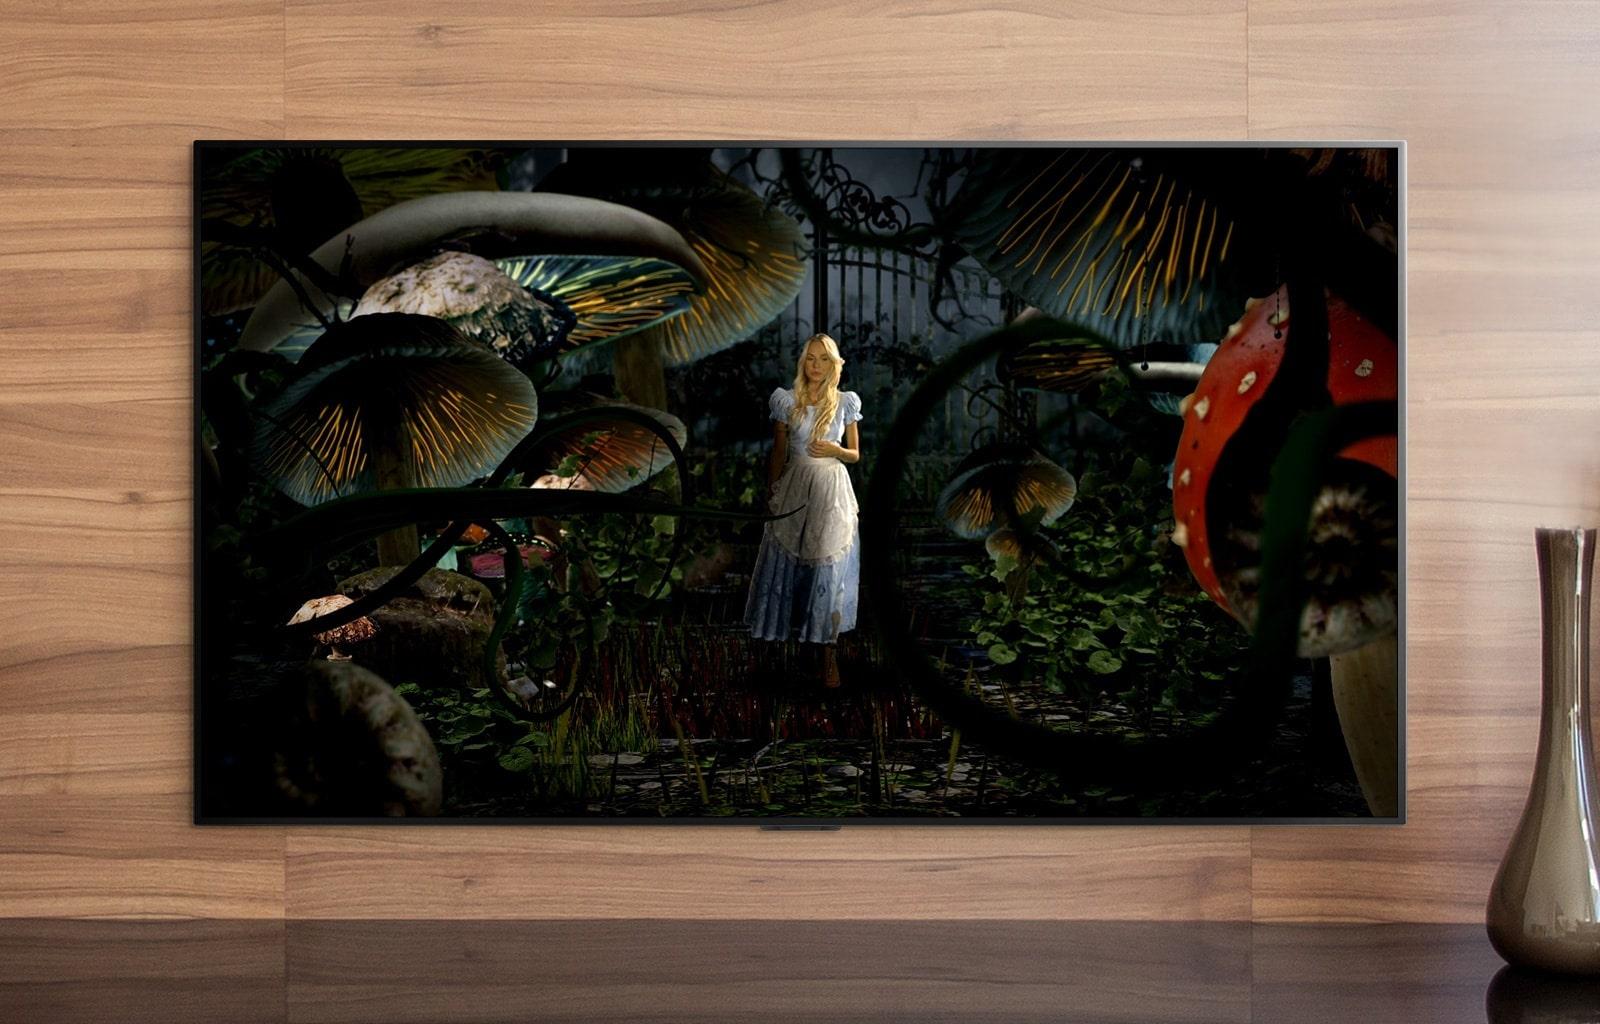 電視屏幕顯示愛麗絲夢遊仙境中的場景。